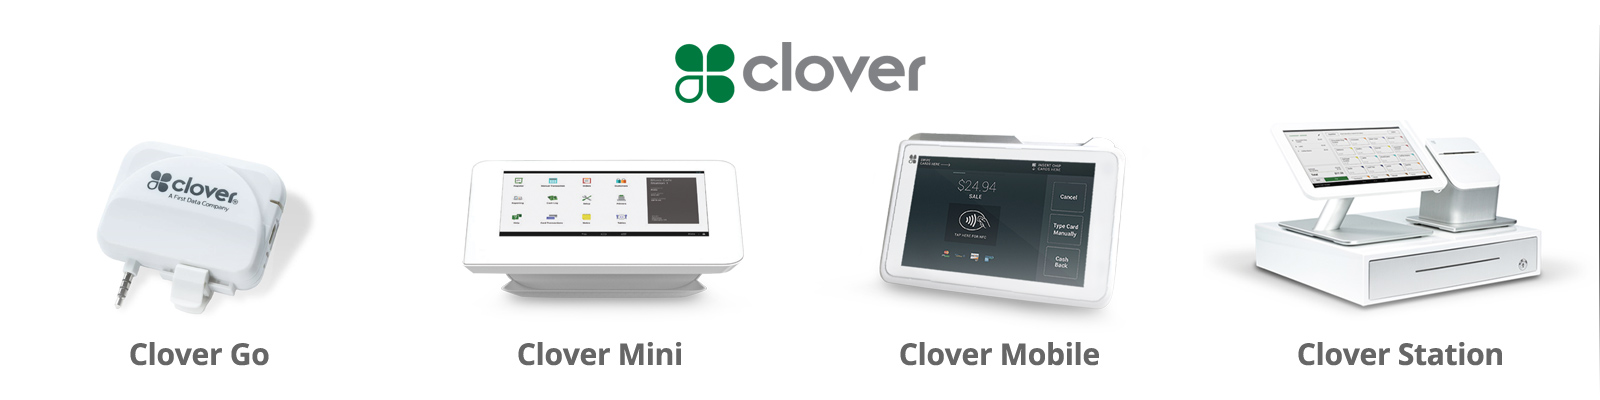 clover pos system